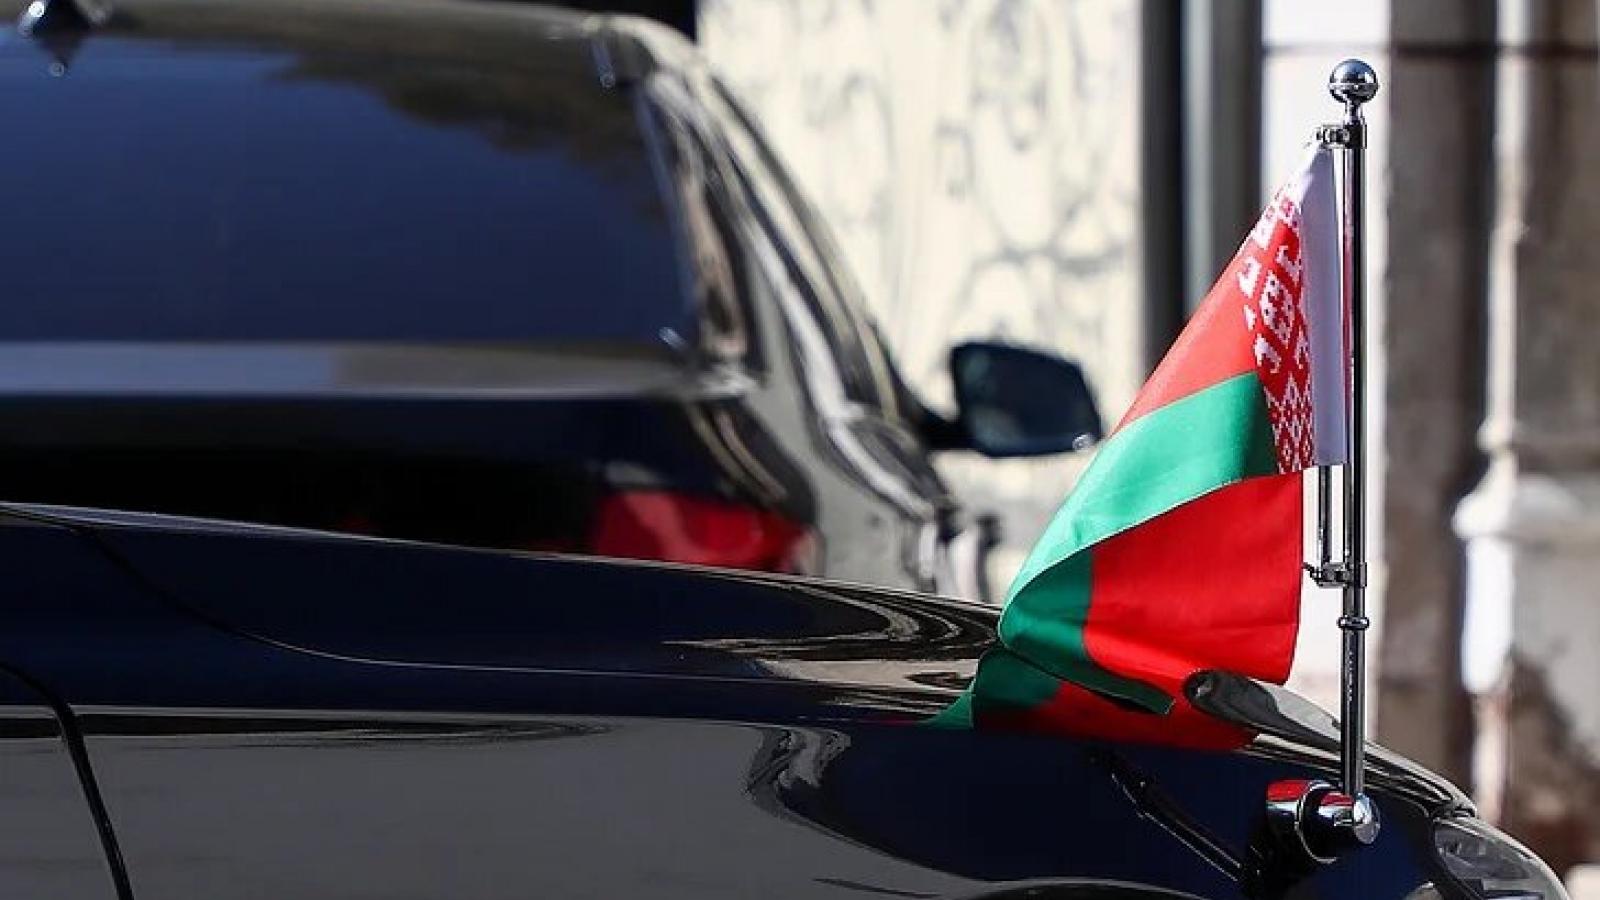 Tổng thống Belarus áp đặt các biện pháp trừng phạttrả đũa các nước phương Tây